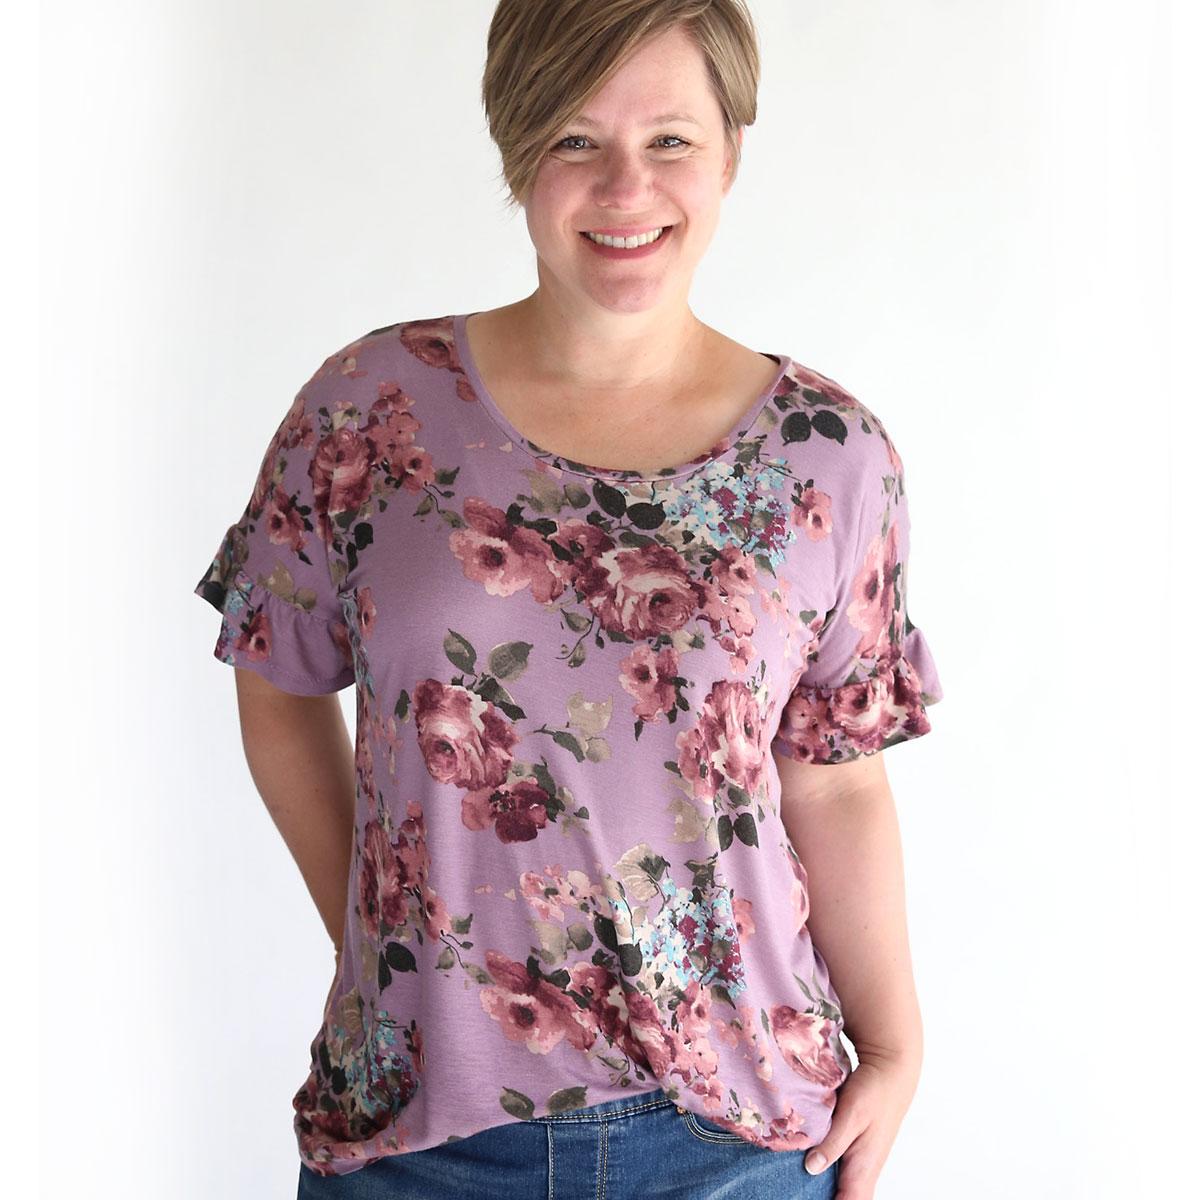 Breezy Tee free sewing pattern + sleeve sleeves